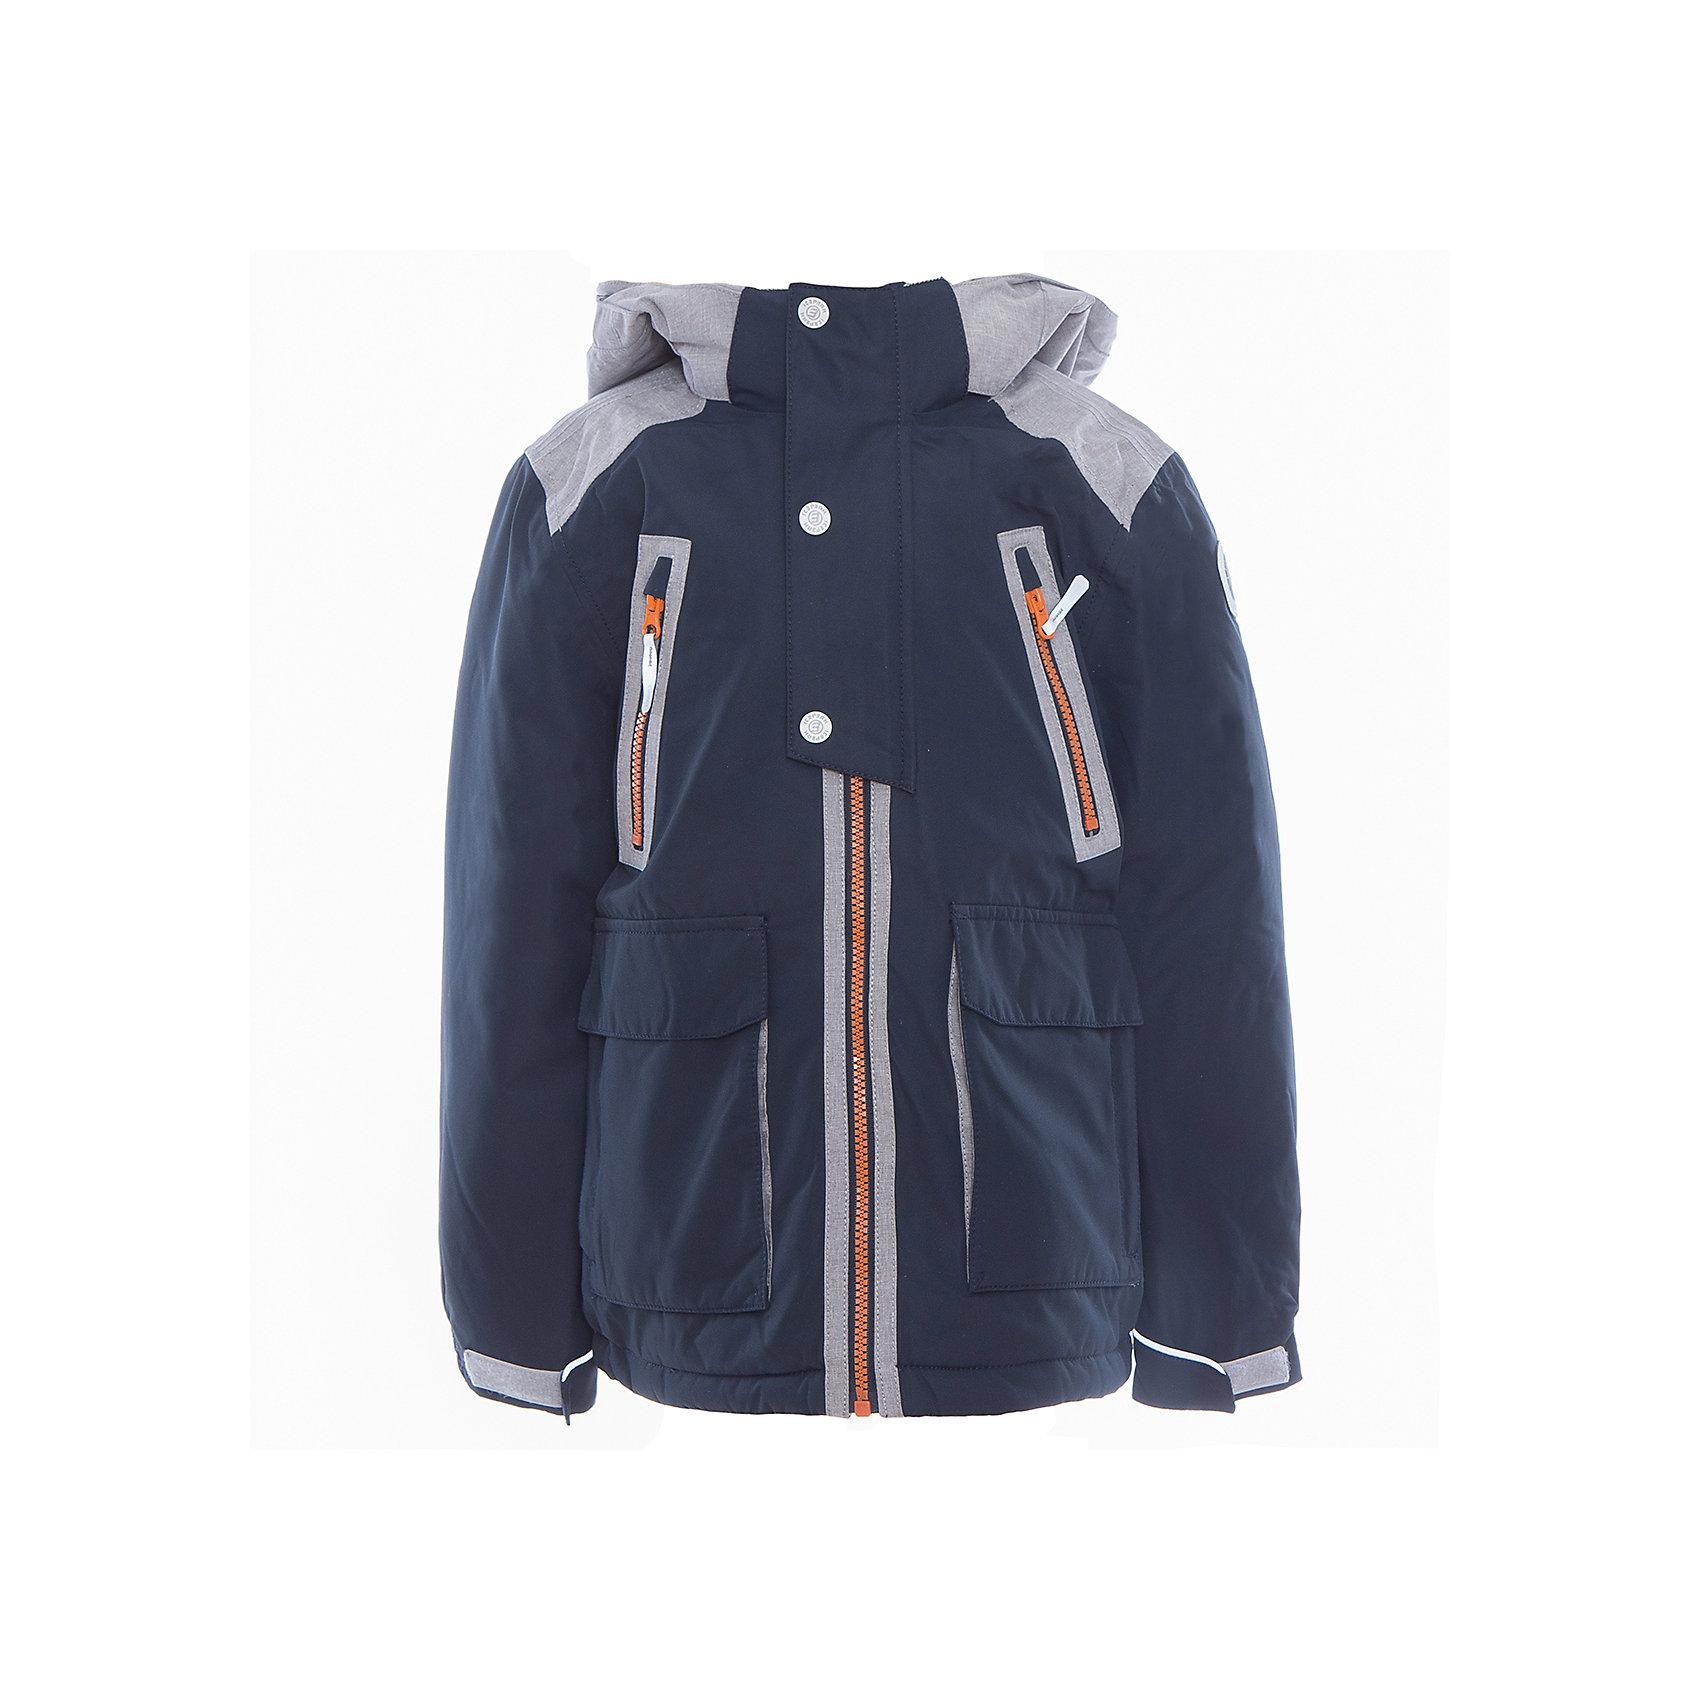 Куртка для мальчика ICEPEAKКуртка для мальчика от известного бренда ICEPEAK.<br>Куртка с отстегивающимся капюшоном, молния закрыта планкой с внутренней стороны, сформированный локоть, утяжка в нижней части куртки, регулируемый рукав на липучке два кармана в верхней части куртки, накладные карманы в нижней части куртки, комбинированная ткань на плечах, утепленные и мягкие накладные карманы , мягкий и теплый внутренний воротник, светоотражающие элементы, искусственный утеплитель Finnwad, утепление 200/160 гр., рекомендуемый температурный режим до -30 град. Ощущение тепла и холода носит индивидуальный характер и зависит от теплообмена ребенка.<br>Технологии: Icetech 10 000mm/5000 g; 2-layer; Taped seams; Children's safety; Reflectors<br>Состав:<br>100% полиэстер<br><br>Ширина мм: 356<br>Глубина мм: 10<br>Высота мм: 245<br>Вес г: 519<br>Цвет: синий<br>Возраст от месяцев: 84<br>Возраст до месяцев: 96<br>Пол: Мужской<br>Возраст: Детский<br>Размер: 128,176,140,152,164<br>SKU: 5413971